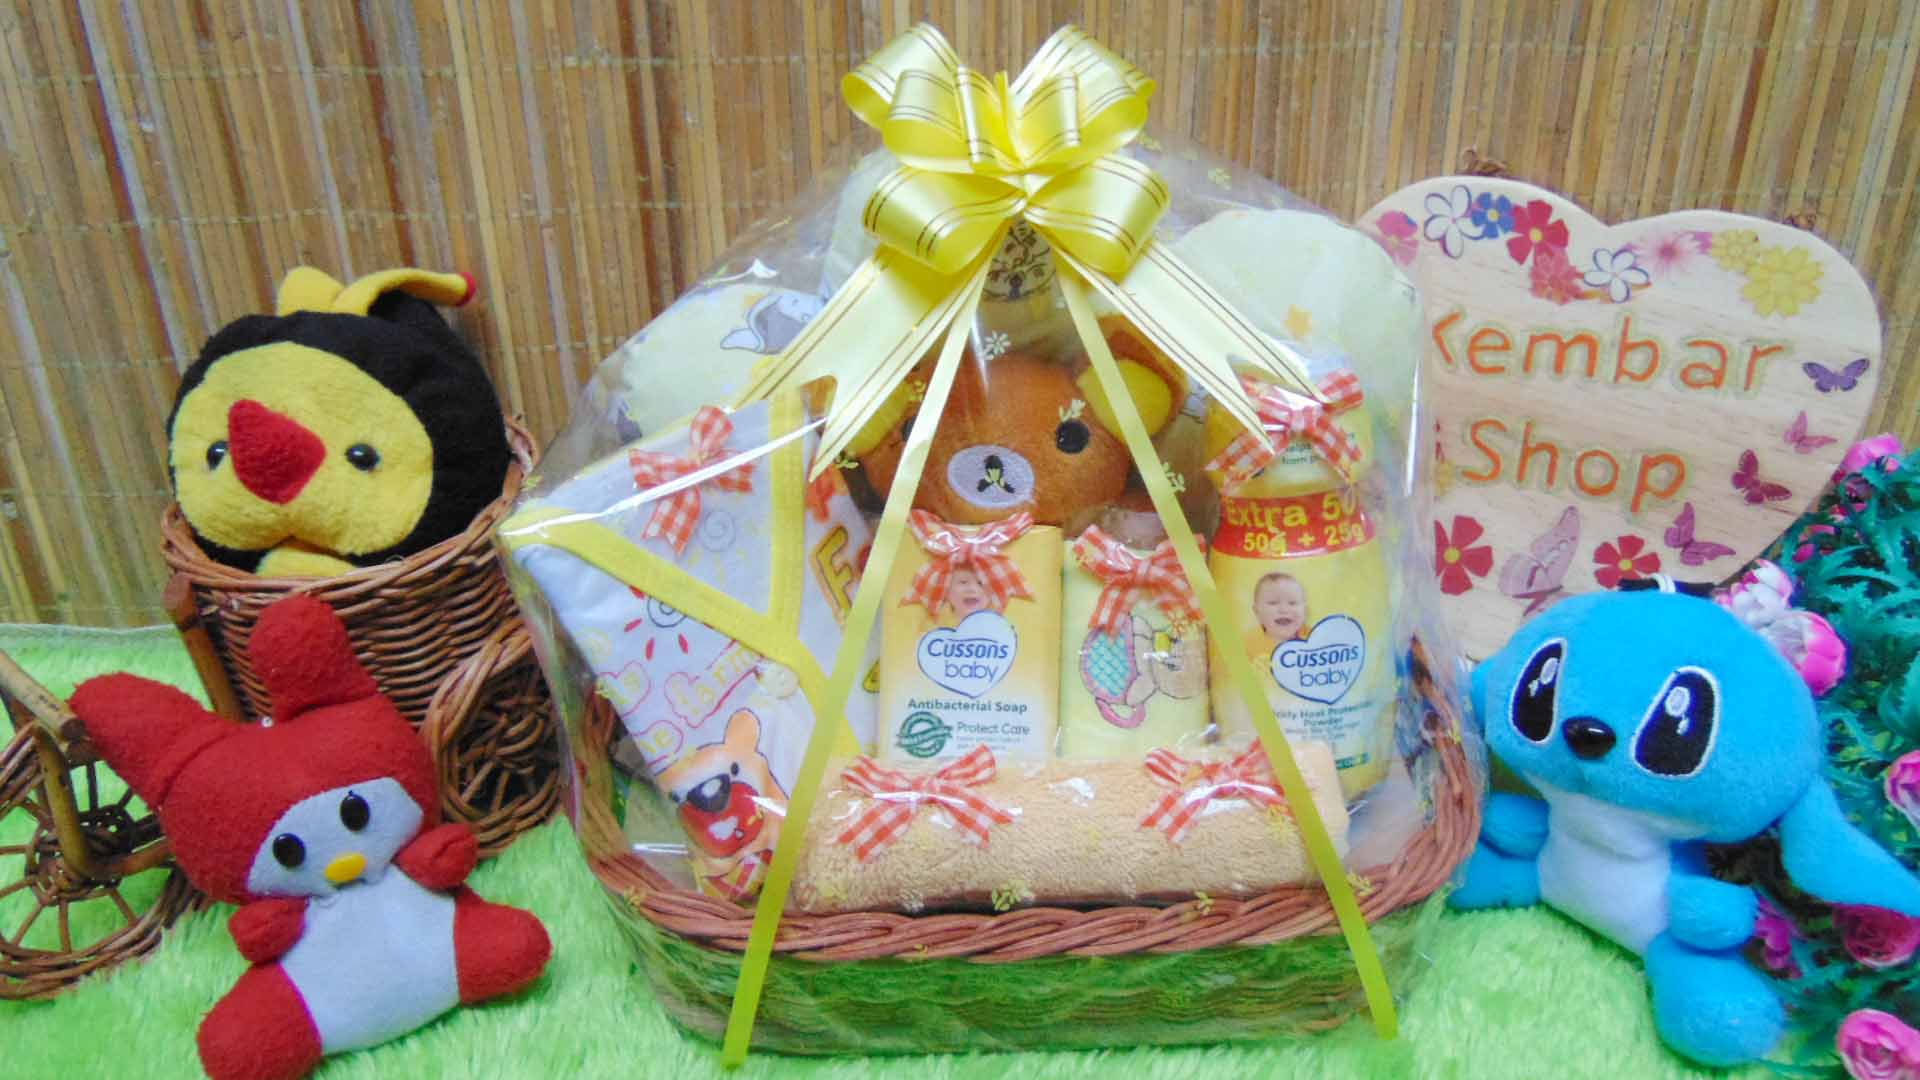 TERLARIS paket kado bayi baby gift parcel bayi parcel kado bayi kado lahiran awan komplit ANEKA WARNA (3)